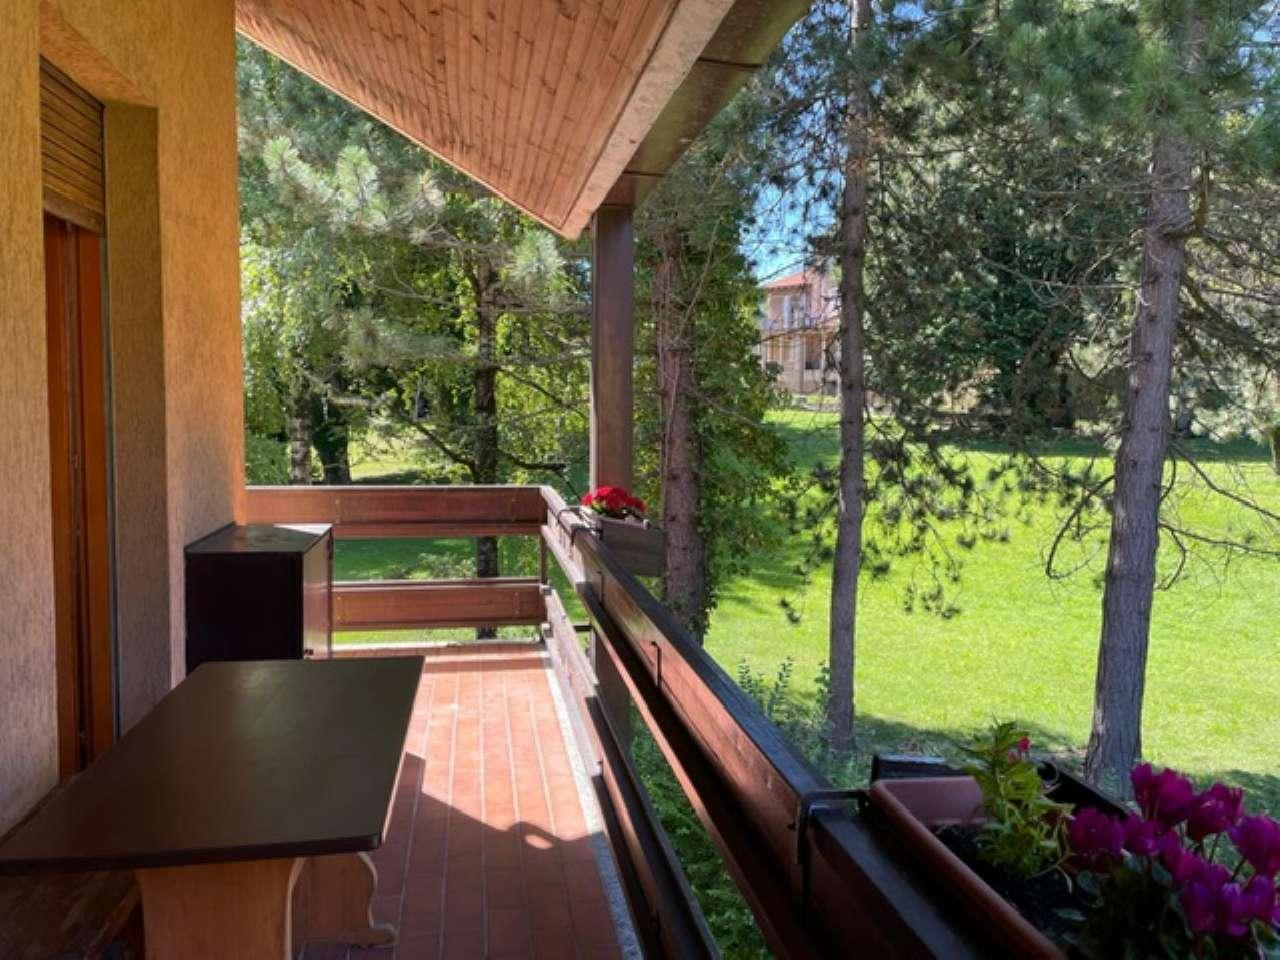 Appartamento in vendita a Lanzo d'Intelvi, 2 locali, prezzo € 70.000 | PortaleAgenzieImmobiliari.it